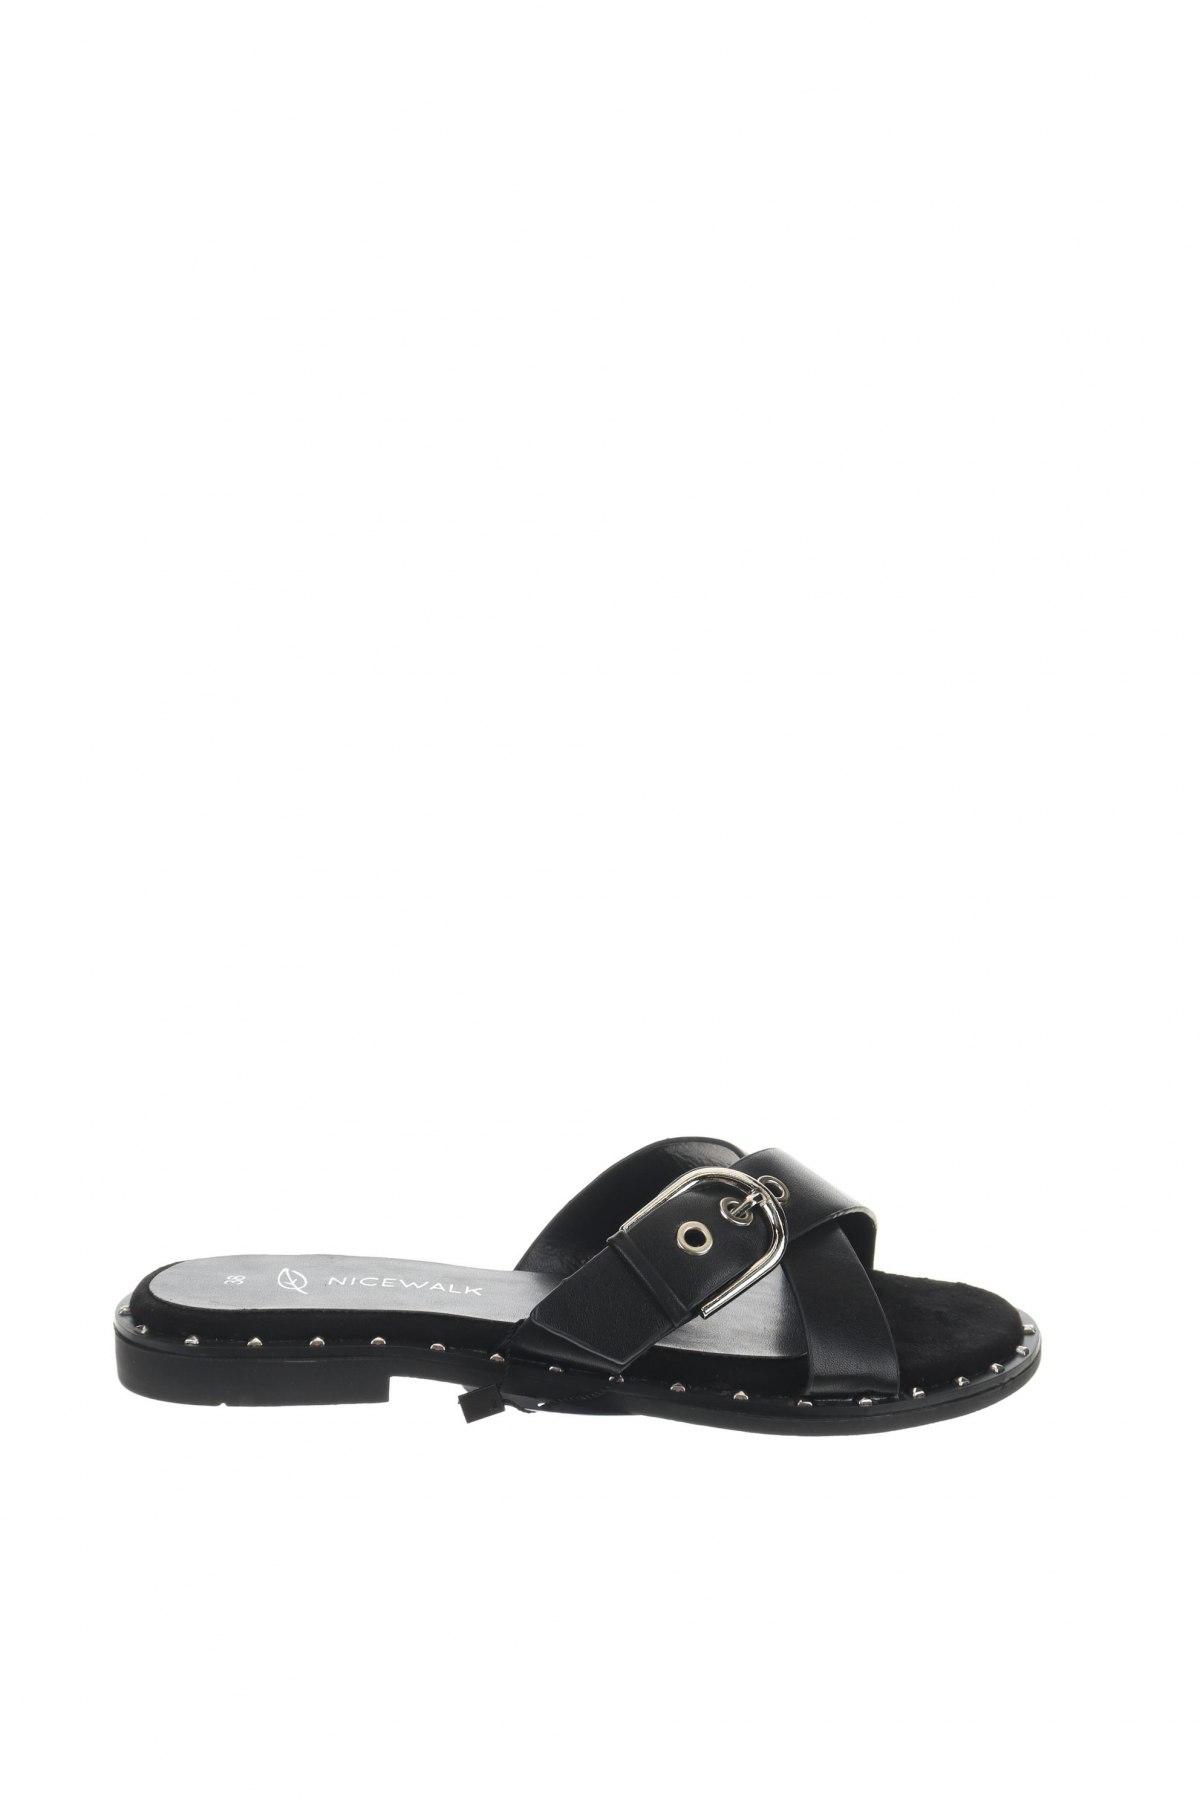 Γυναικείες παντόφλες Nicewalk, Μέγεθος 38, Χρώμα Μαύρο, Δερματίνη, Τιμή 10,76€